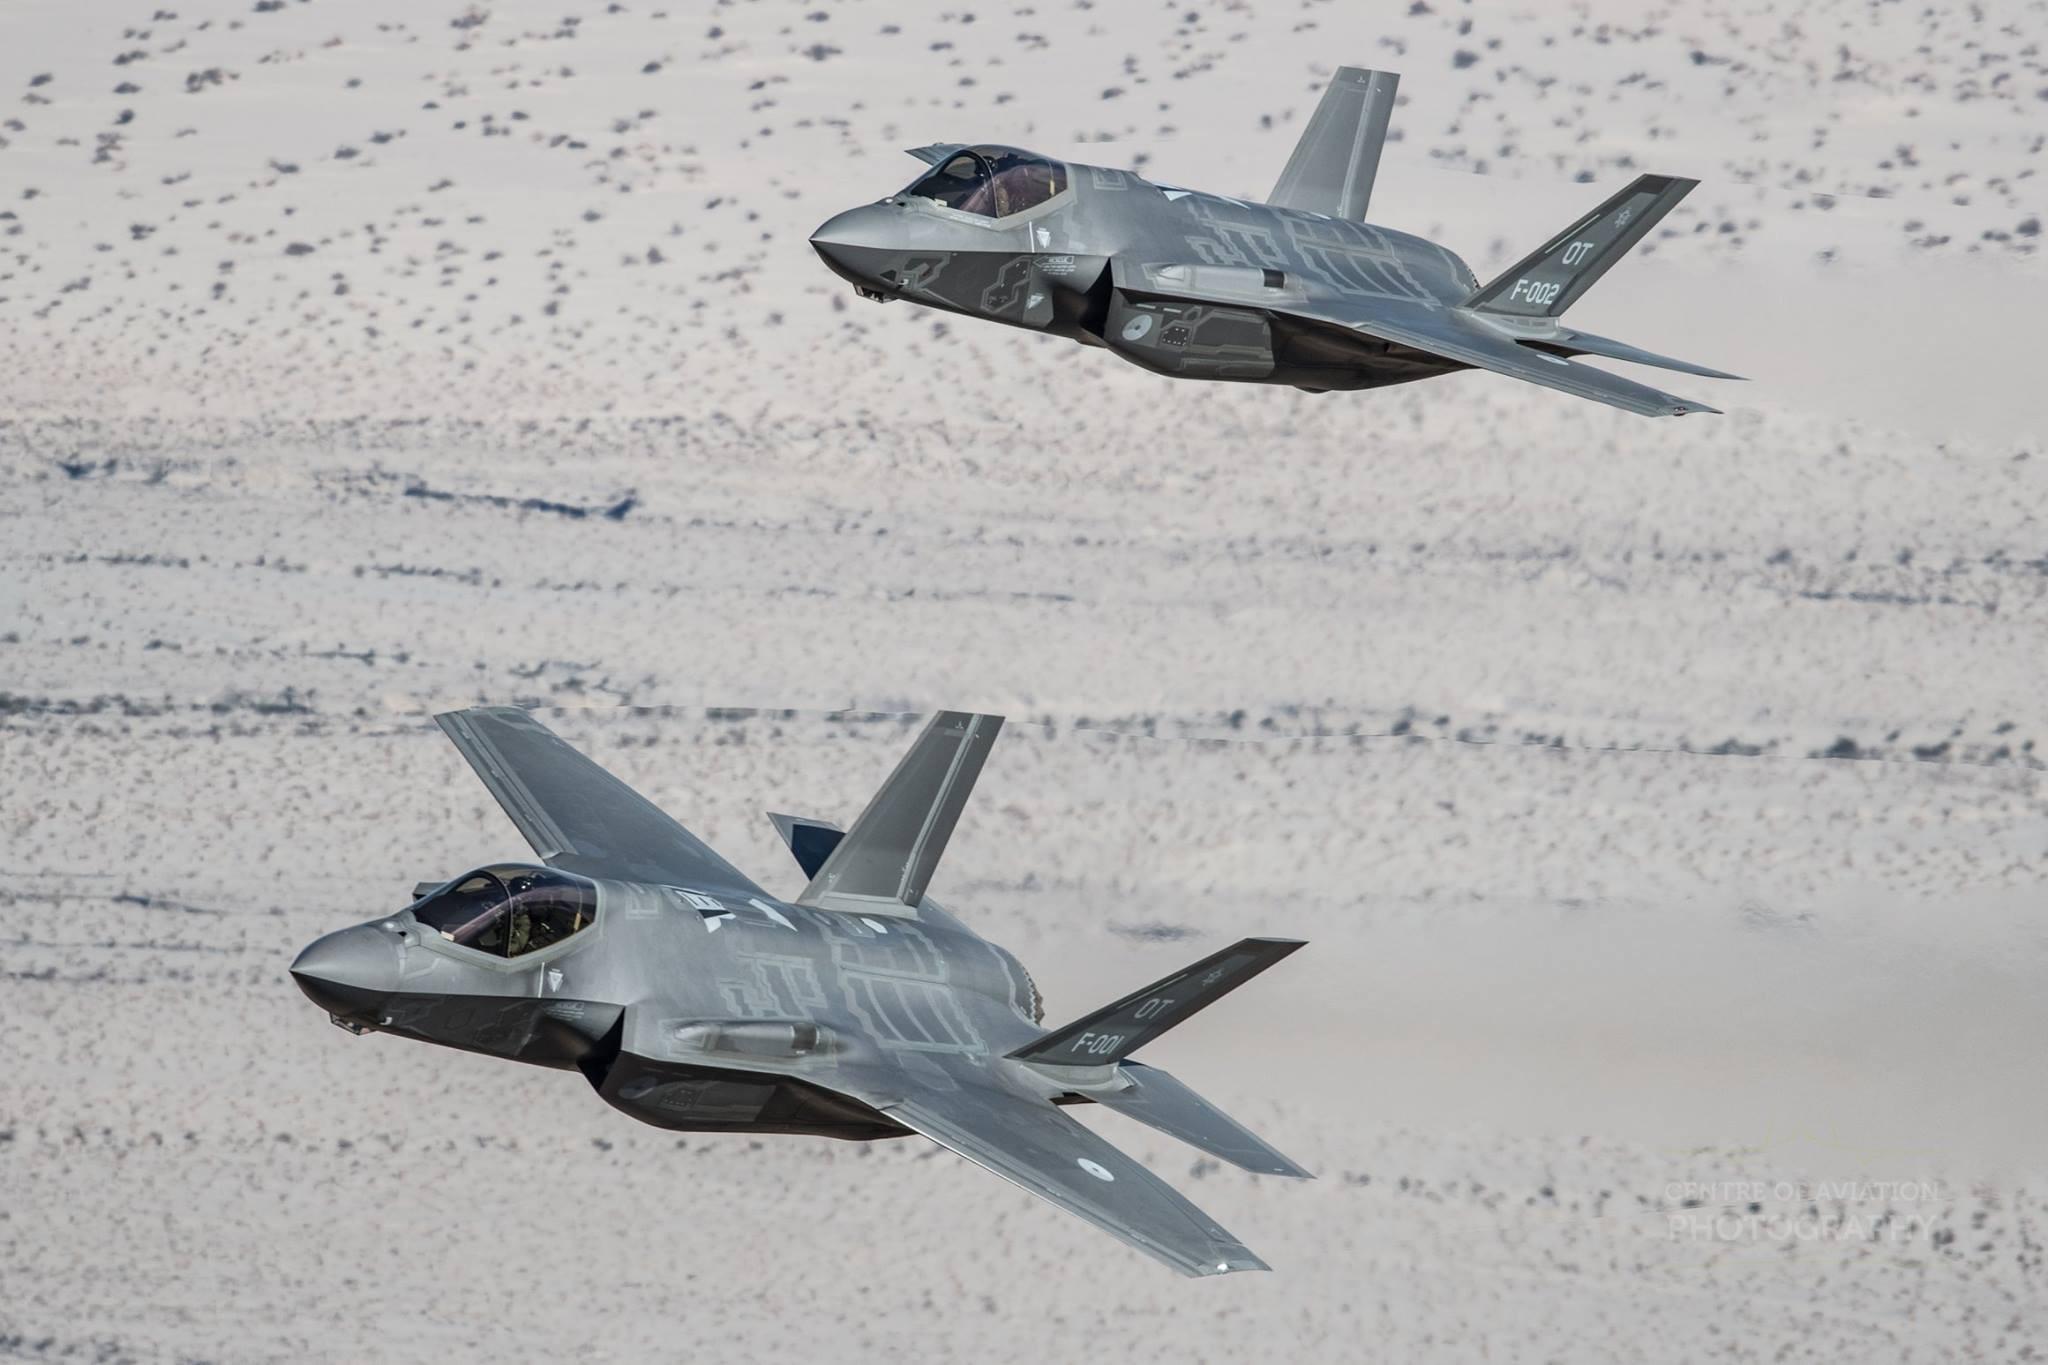 Обои «лайтнинг» ii, F-35, Lockheed, Самолёт. Авиация foto 14